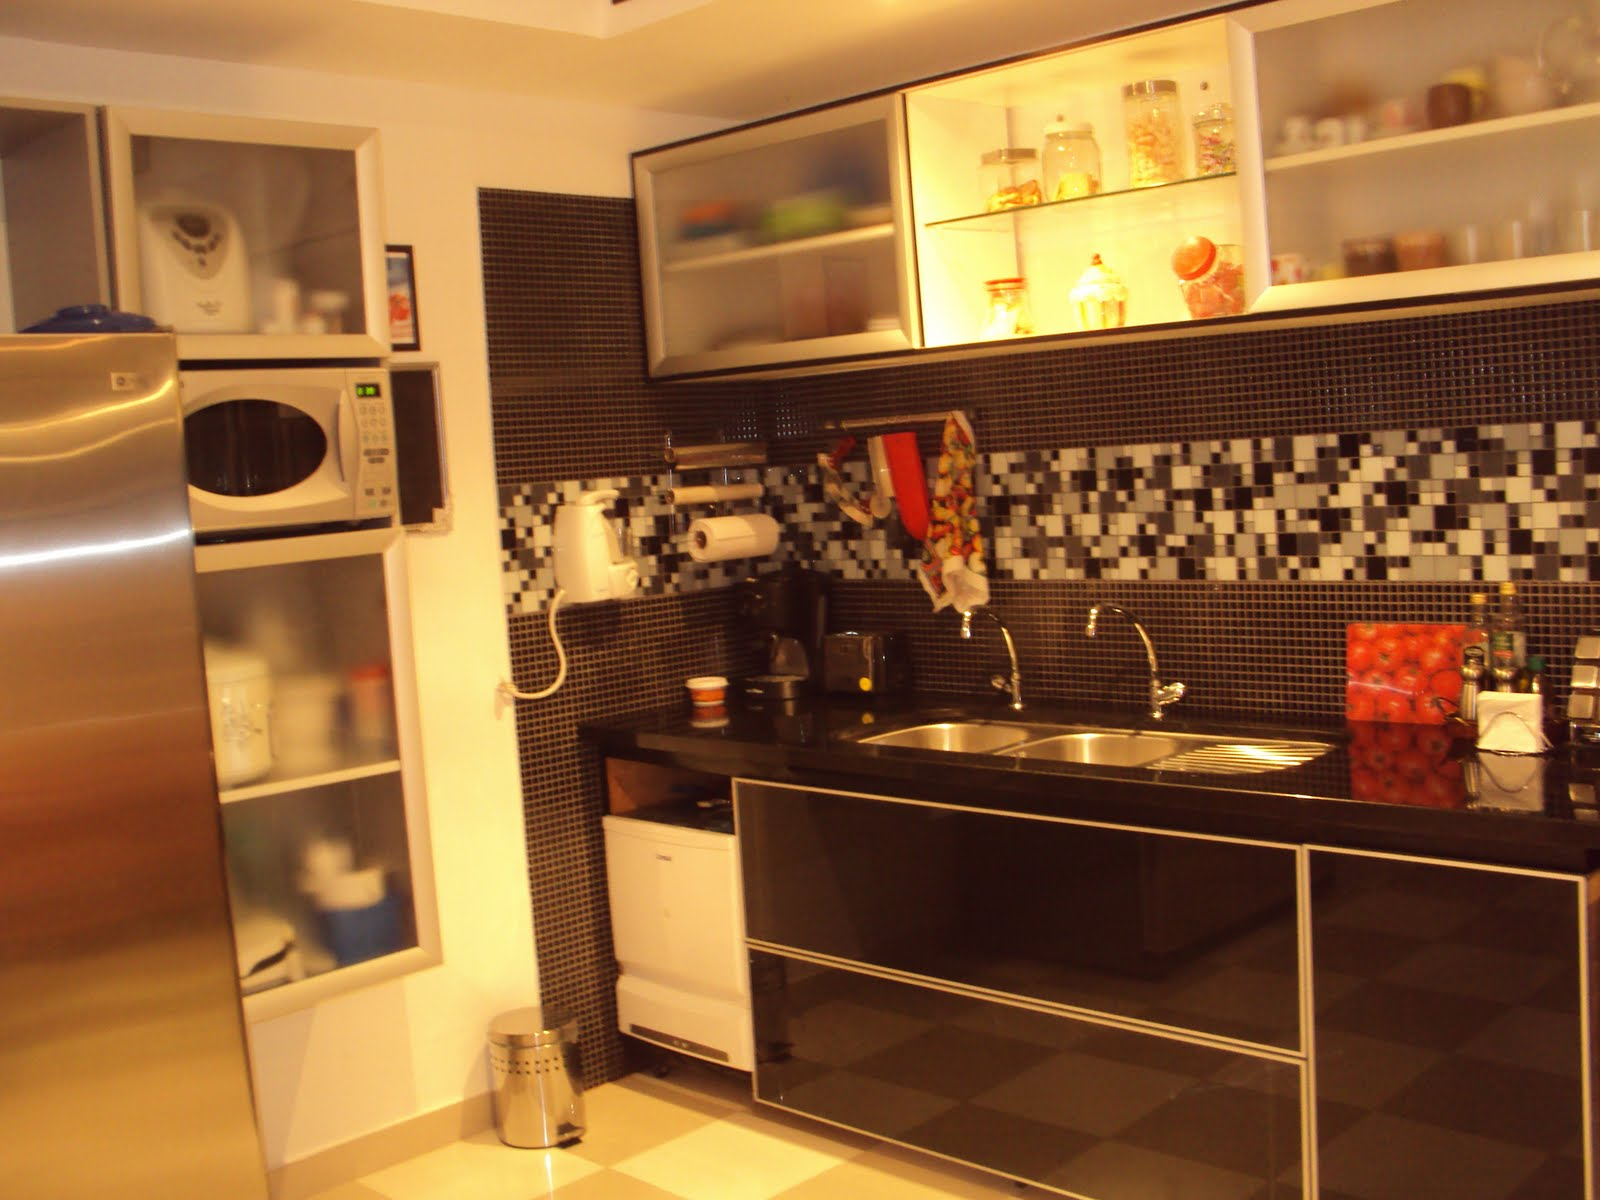 se fosse na minha casa: Novos armários na cozinha: gabinete da pia #BD800E 1600 1200